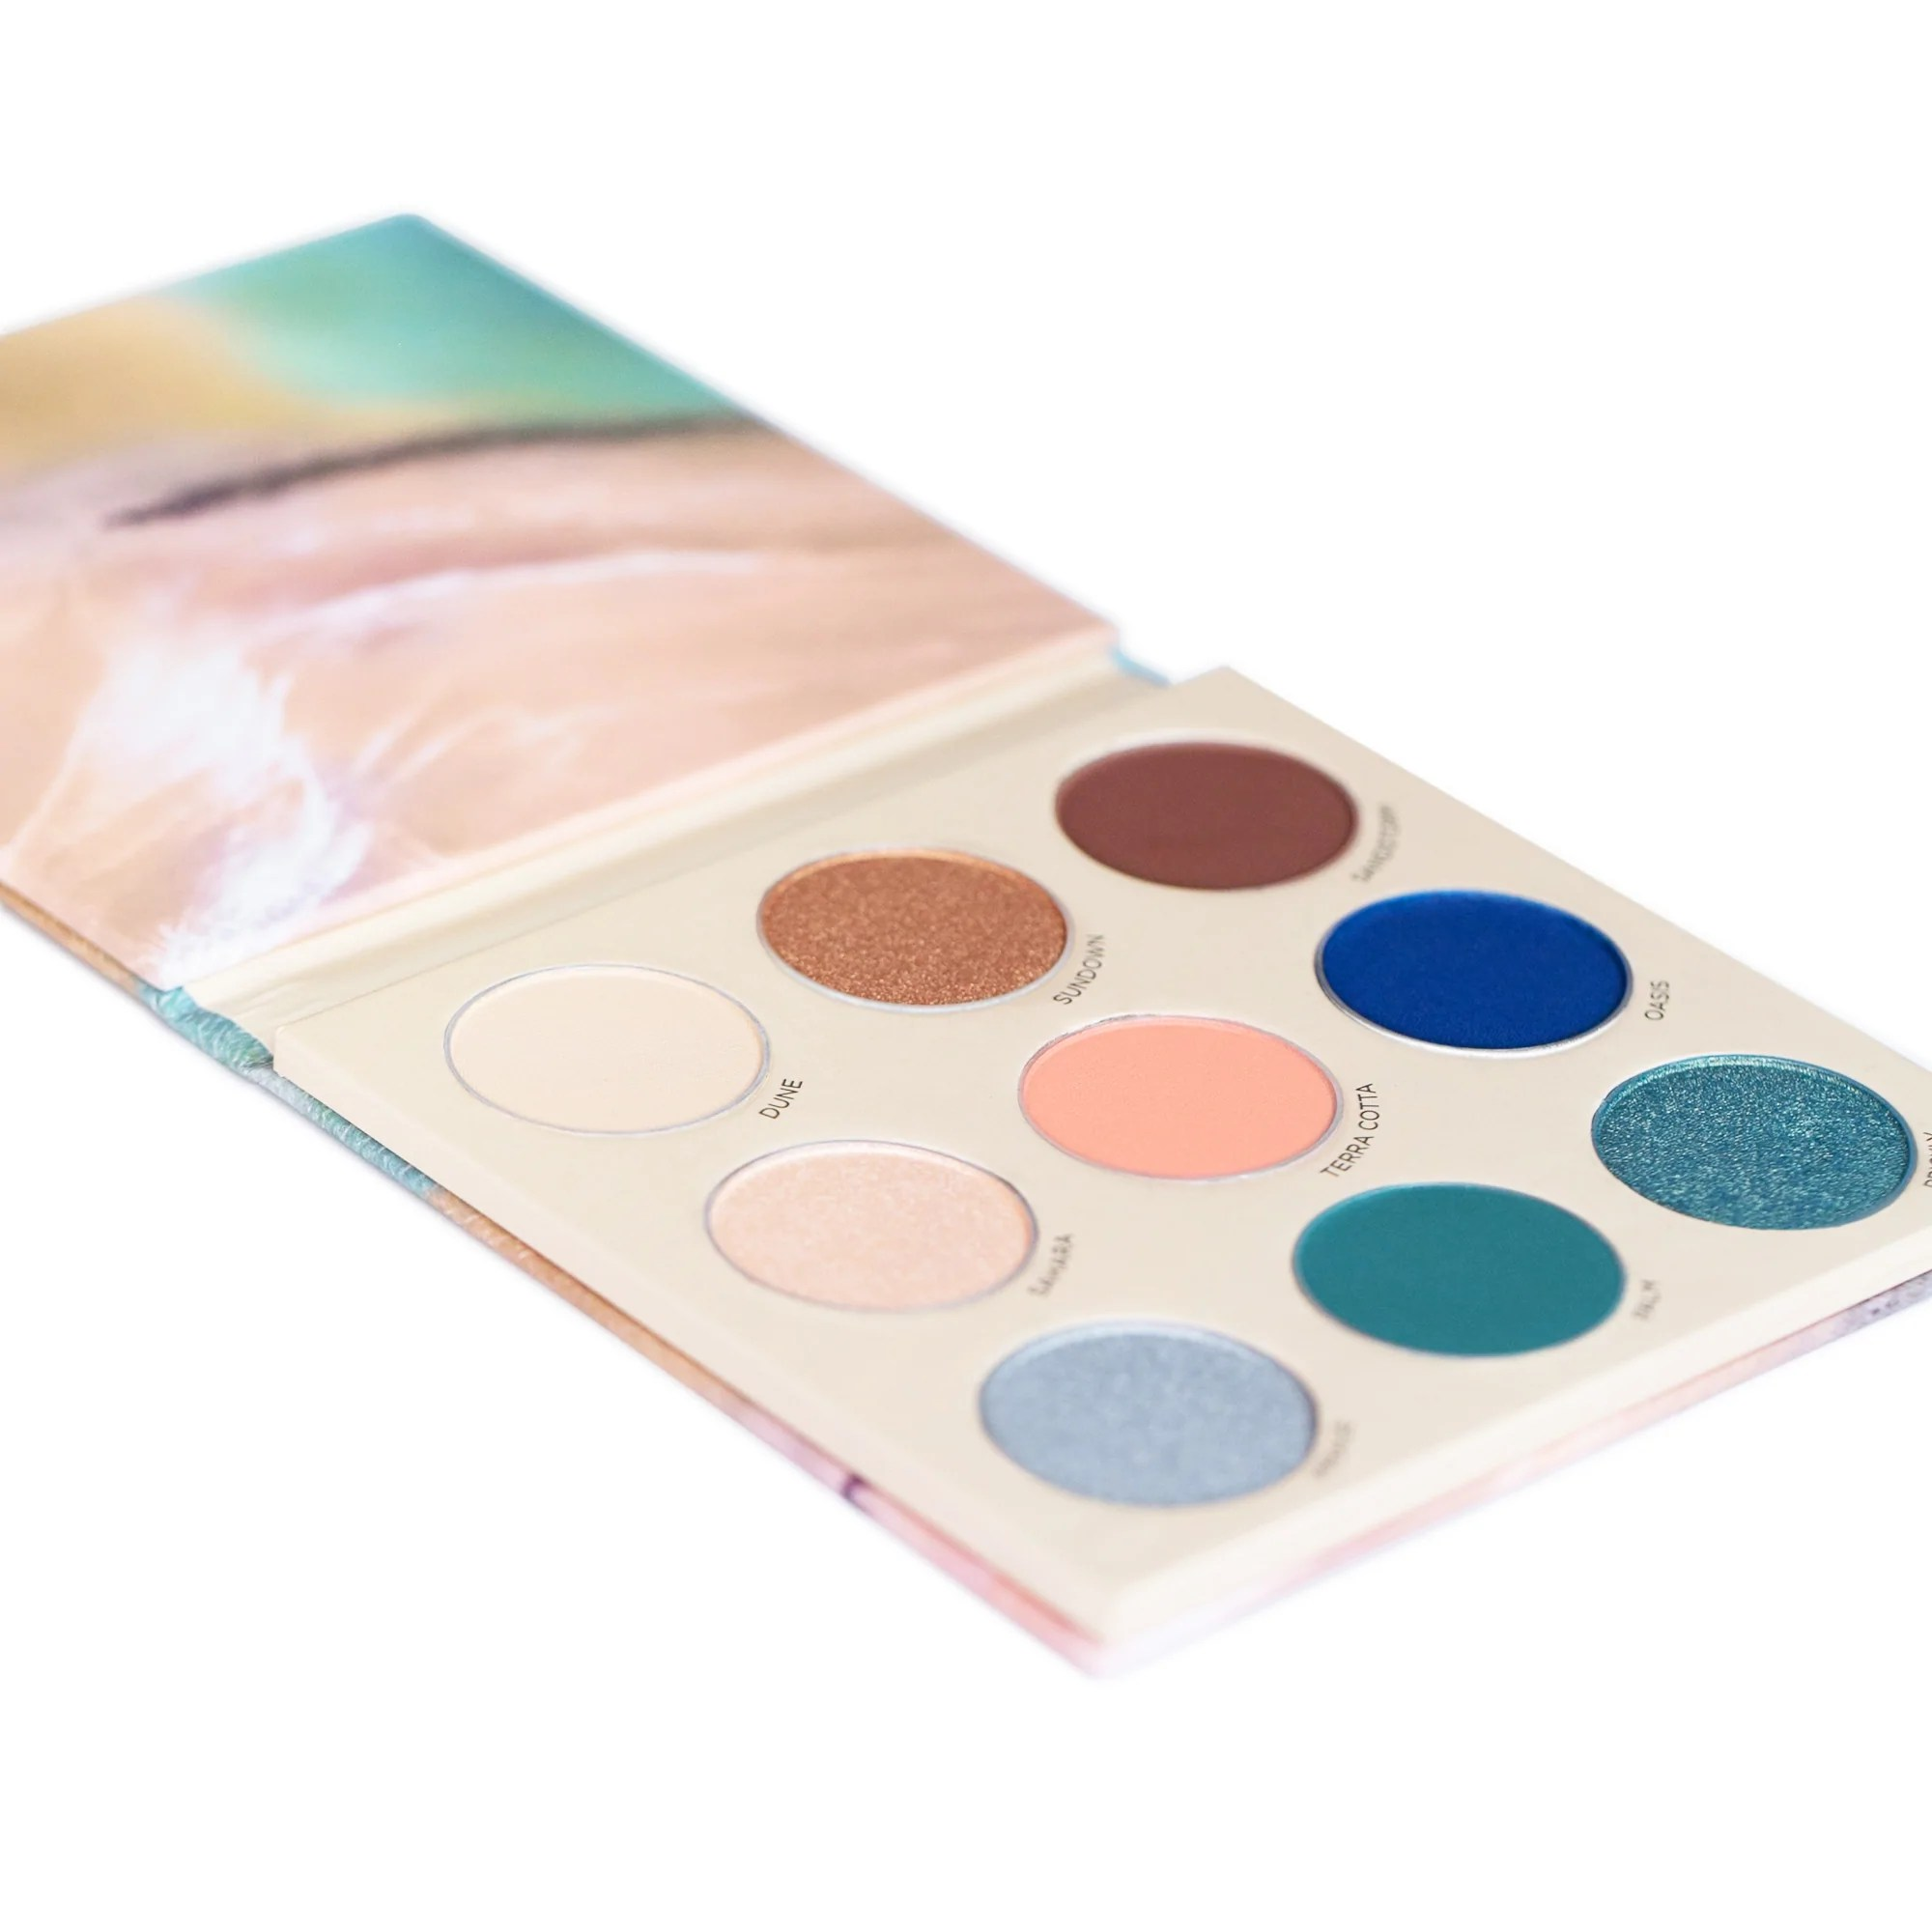 desert mirage eyeshadow palette